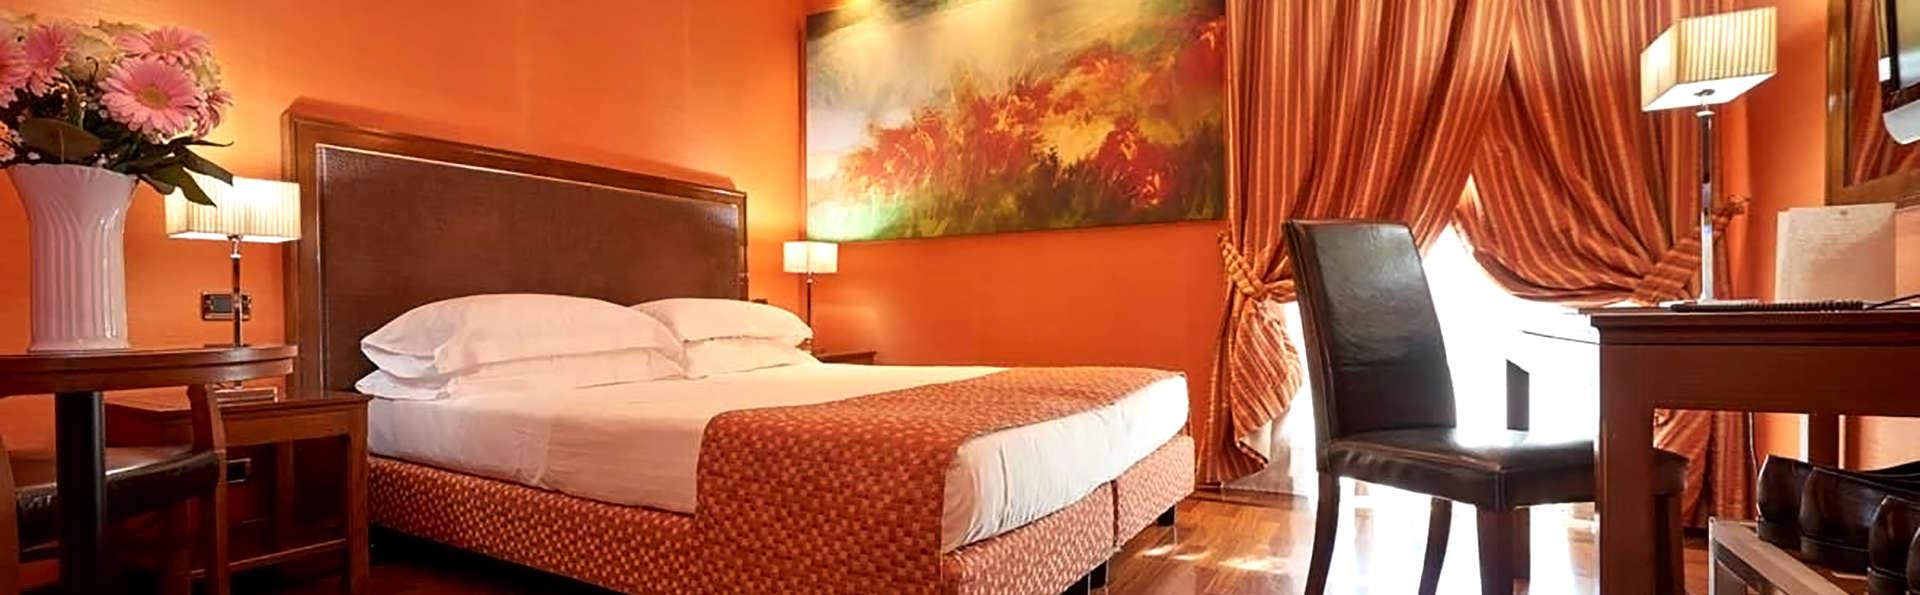 Offre de week-end à Florence, en chambre supérieure (à partir de 2 nuits)